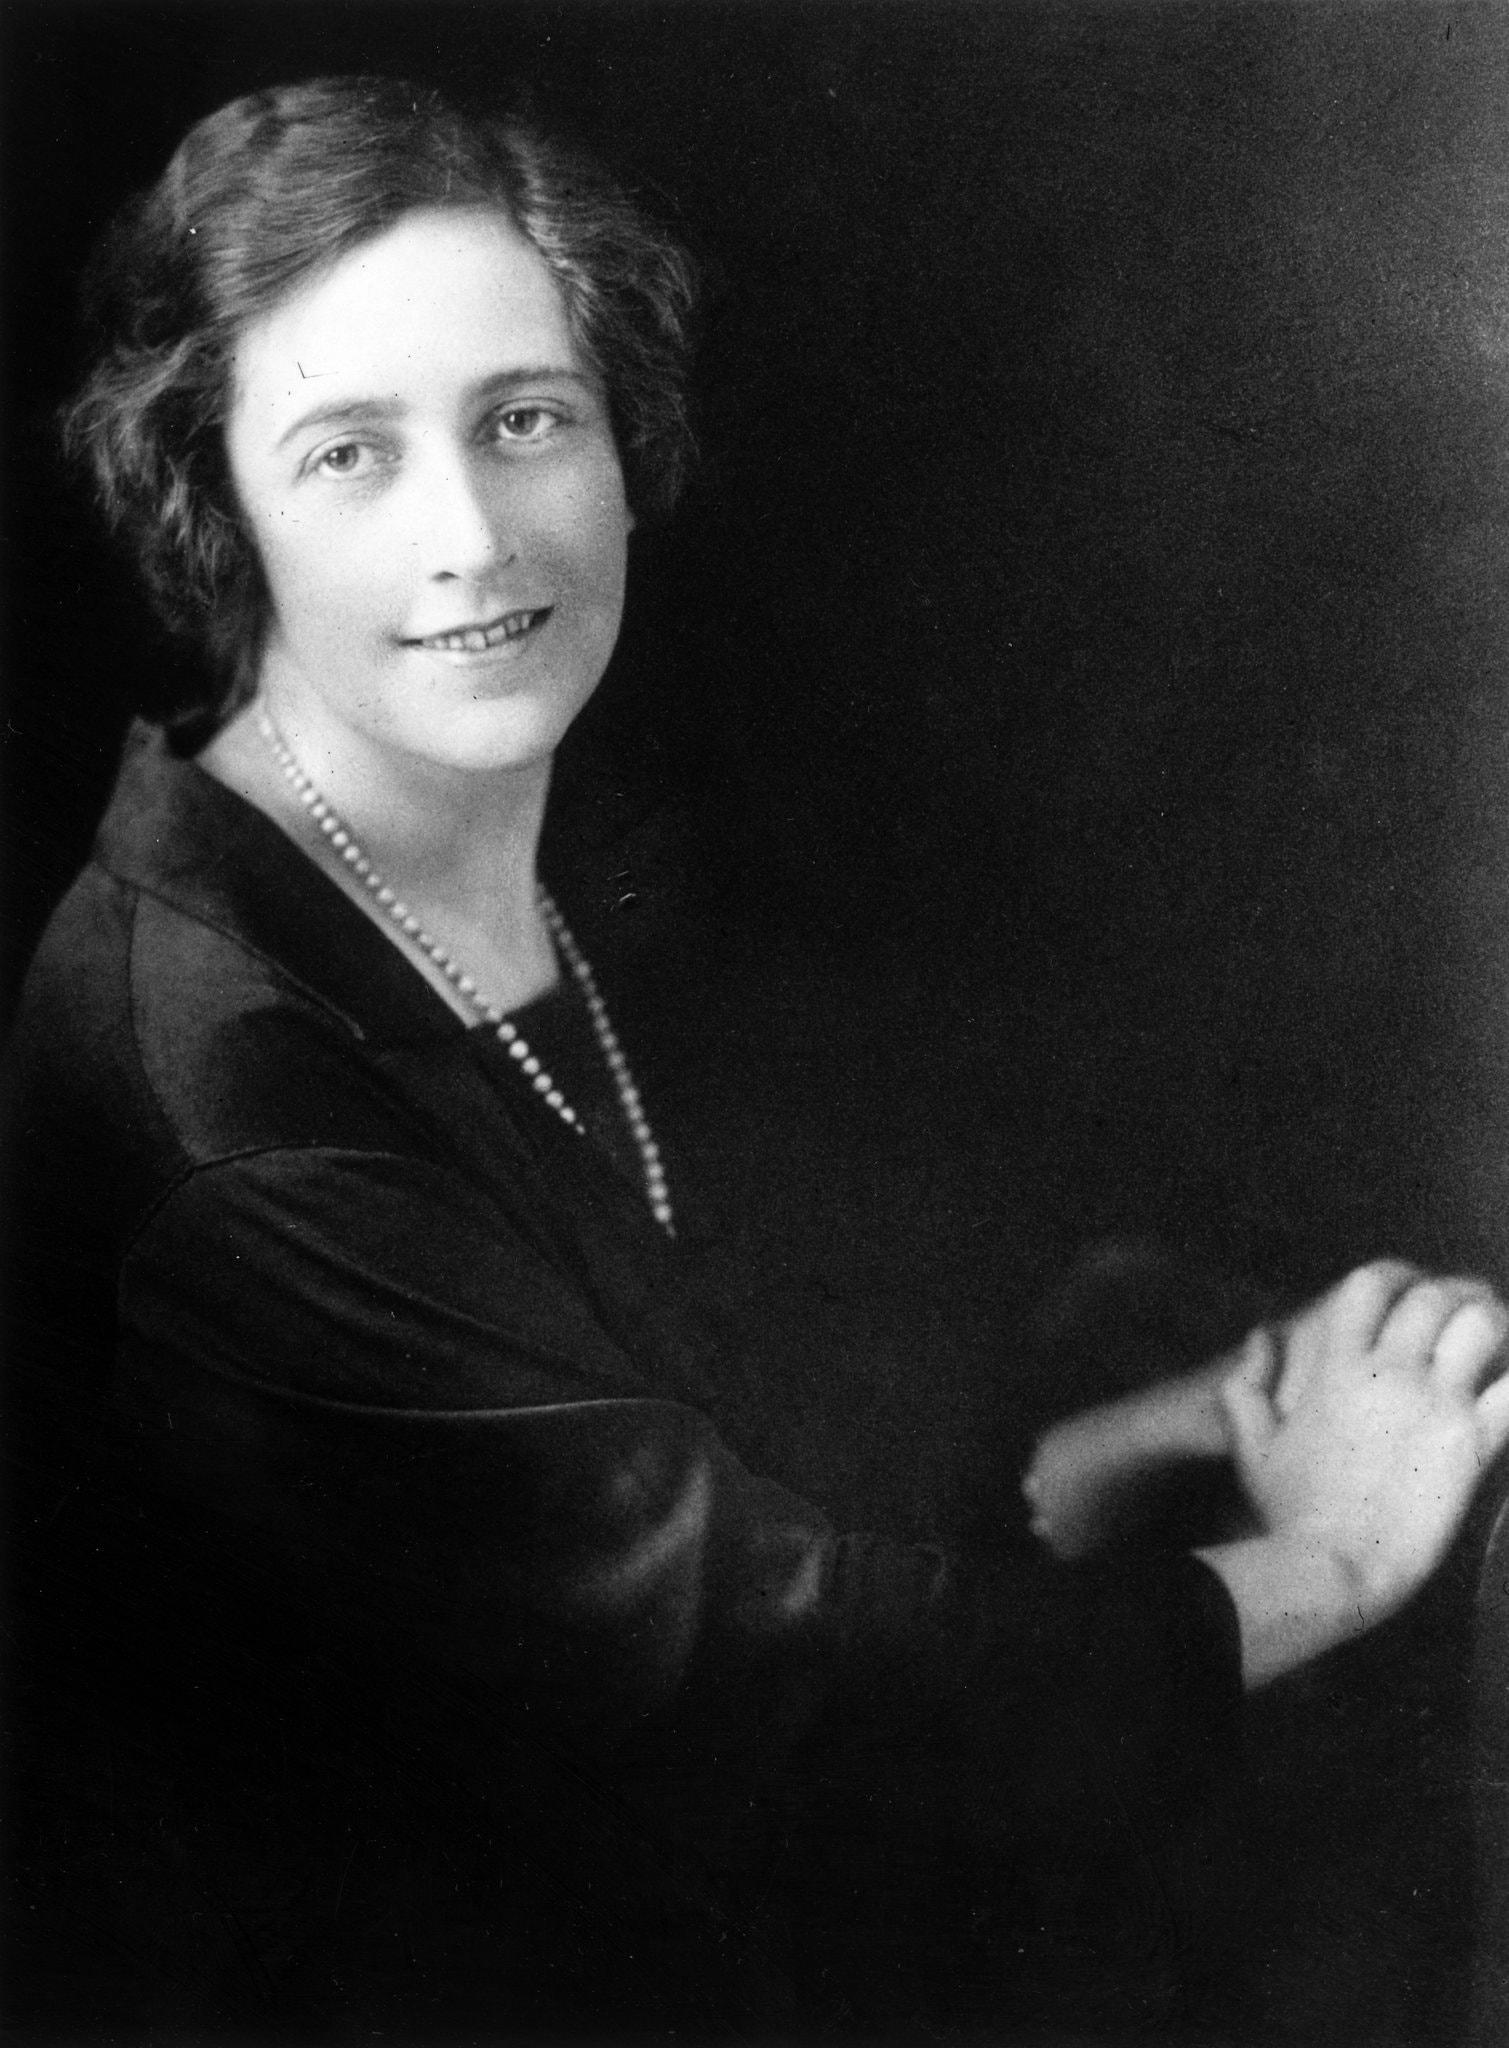 Агата Кристи, 1920-е